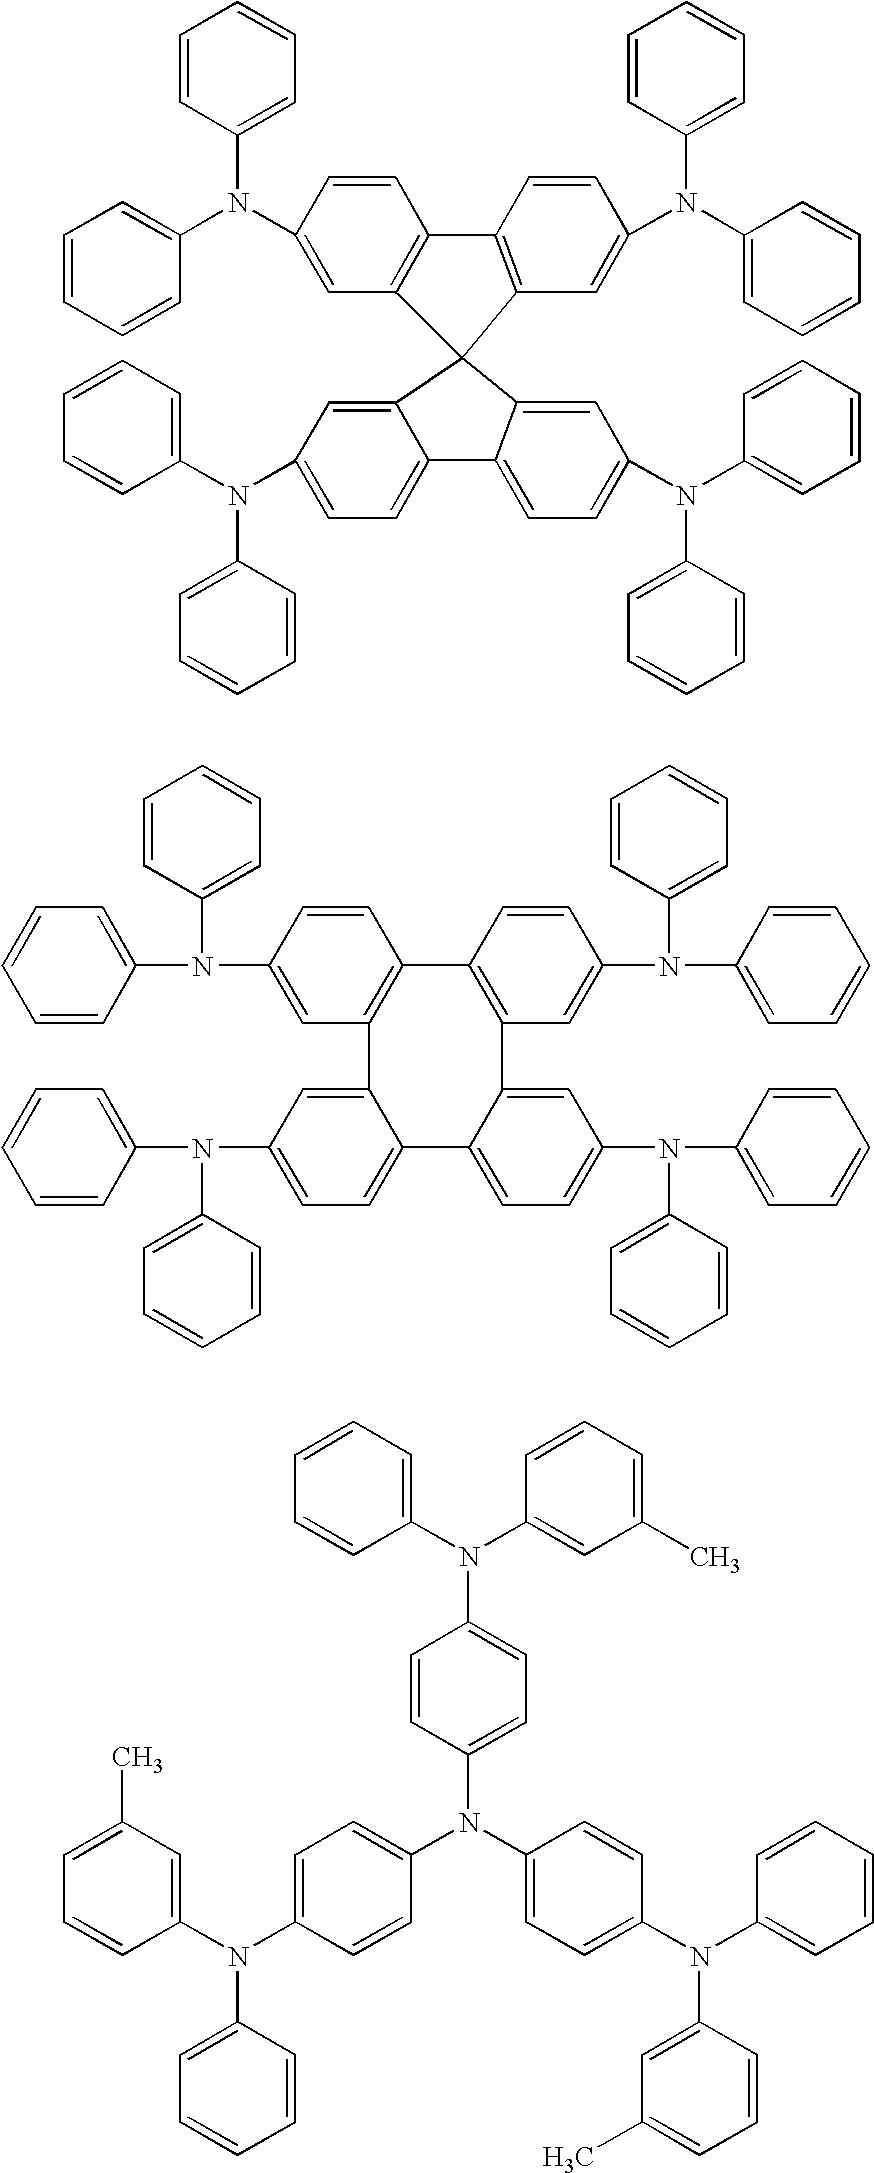 Figure US20060134464A1-20060622-C00012